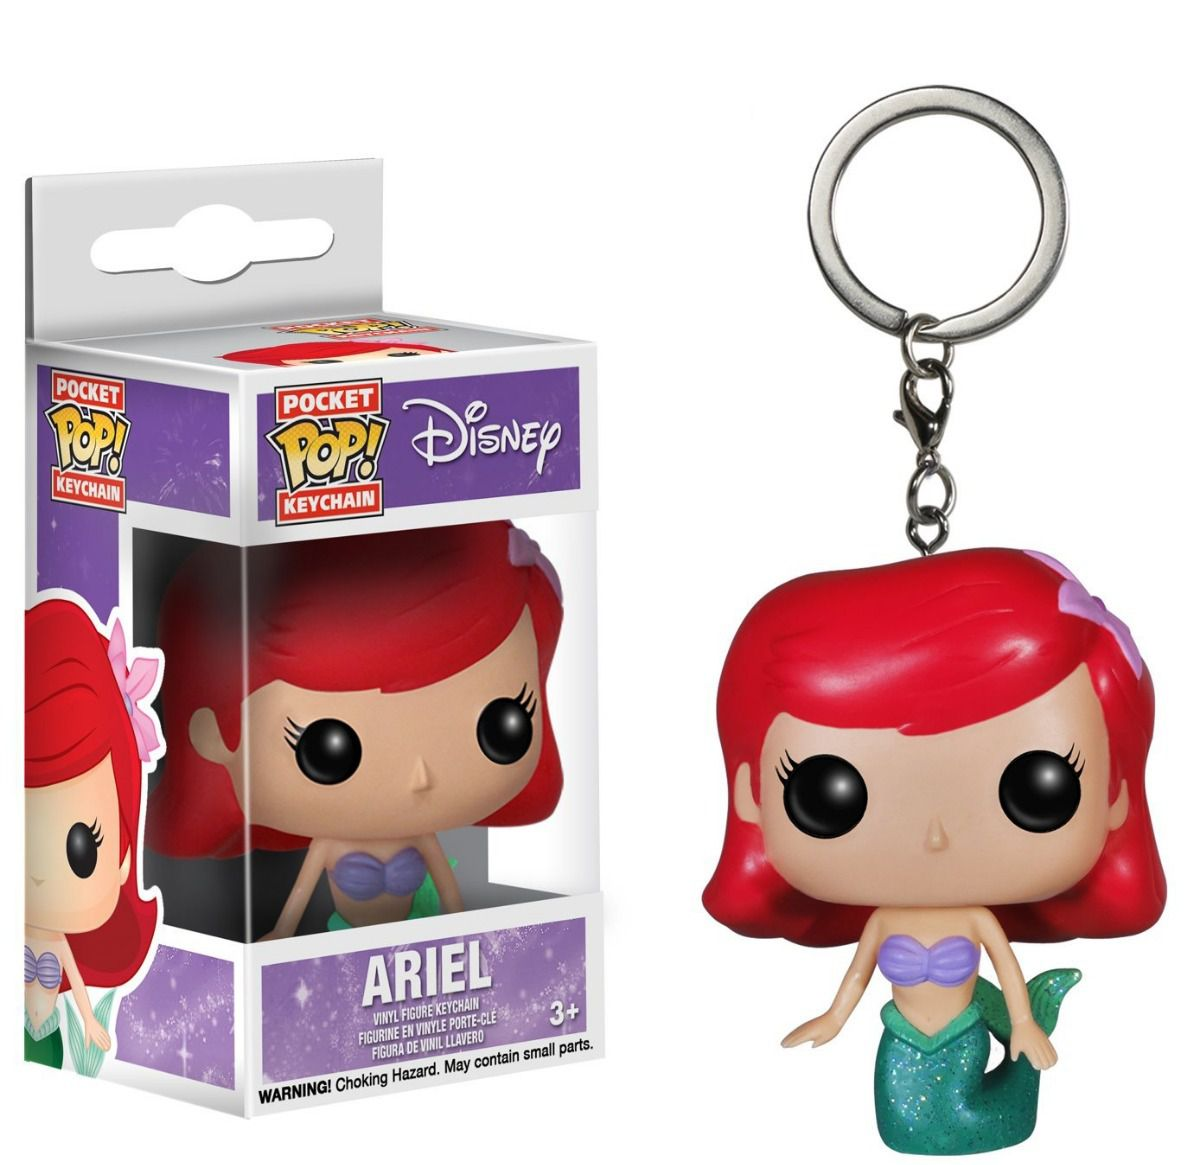 Chaveiro Ariel - A Pequena Sereia - Disney Pocket Pop! Funko